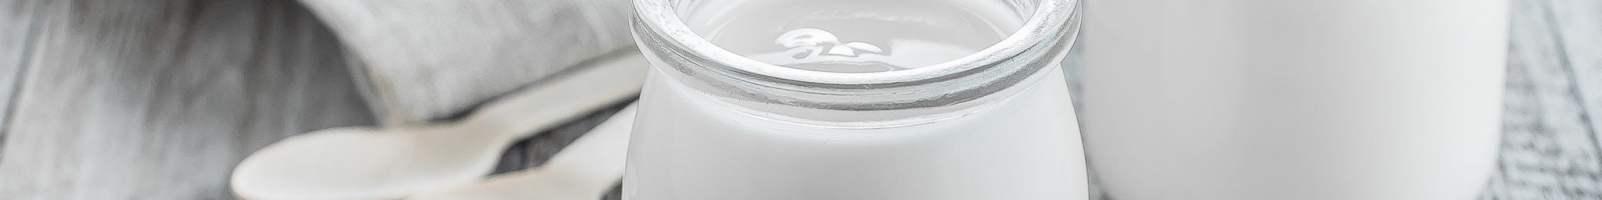 ¿Conoces la diferencia entre probióticos y prebióticos?